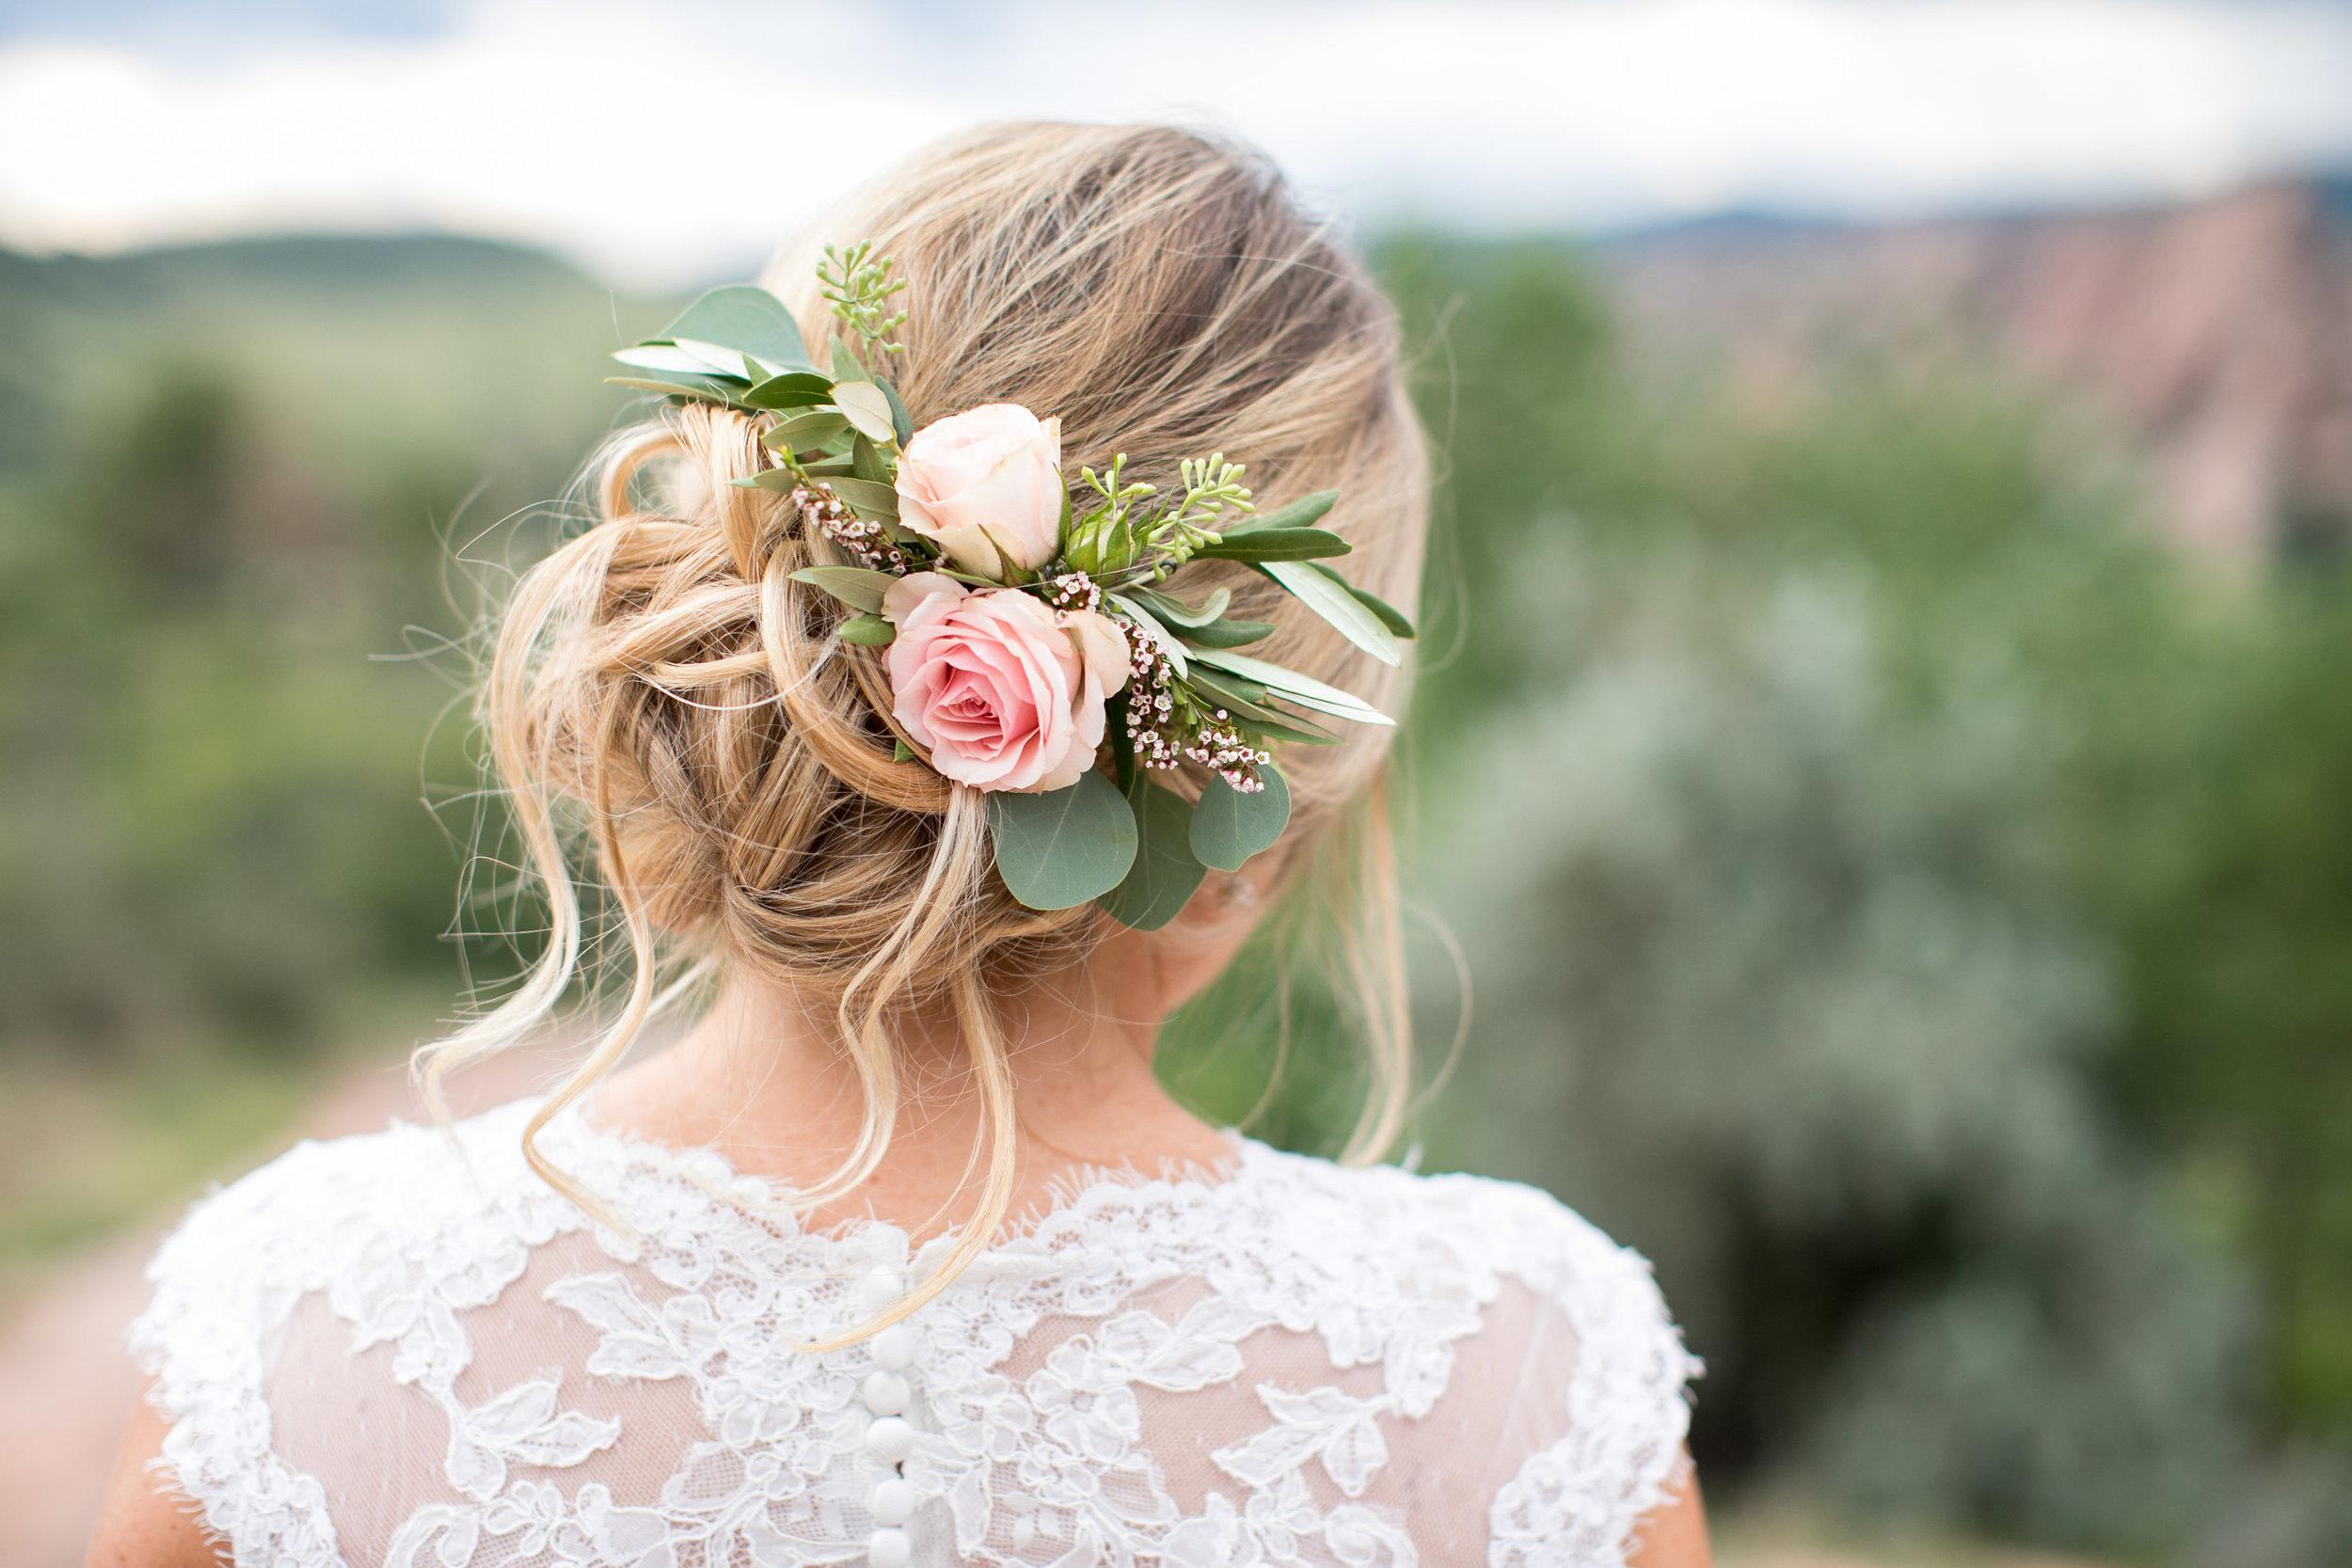 updo-artist-wedding-hair-bride-Denver-wedding-hairstylist